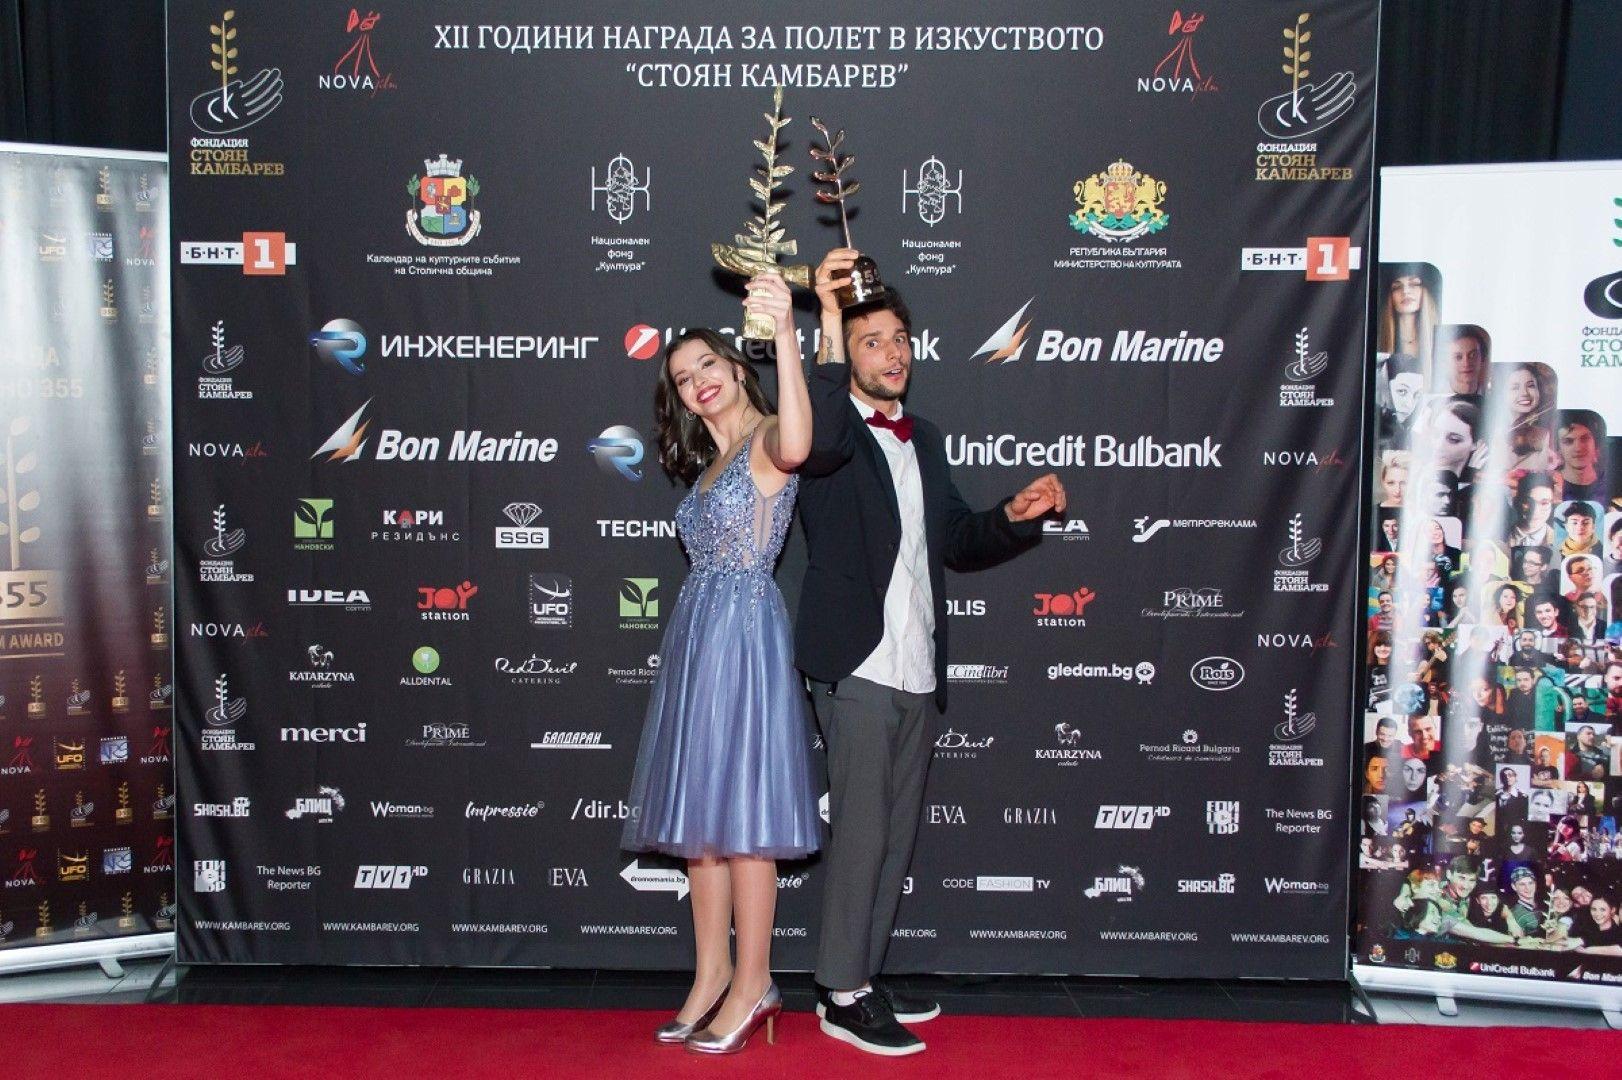 Големите победитела тази година - Лора Маркова и Виктор Иванов